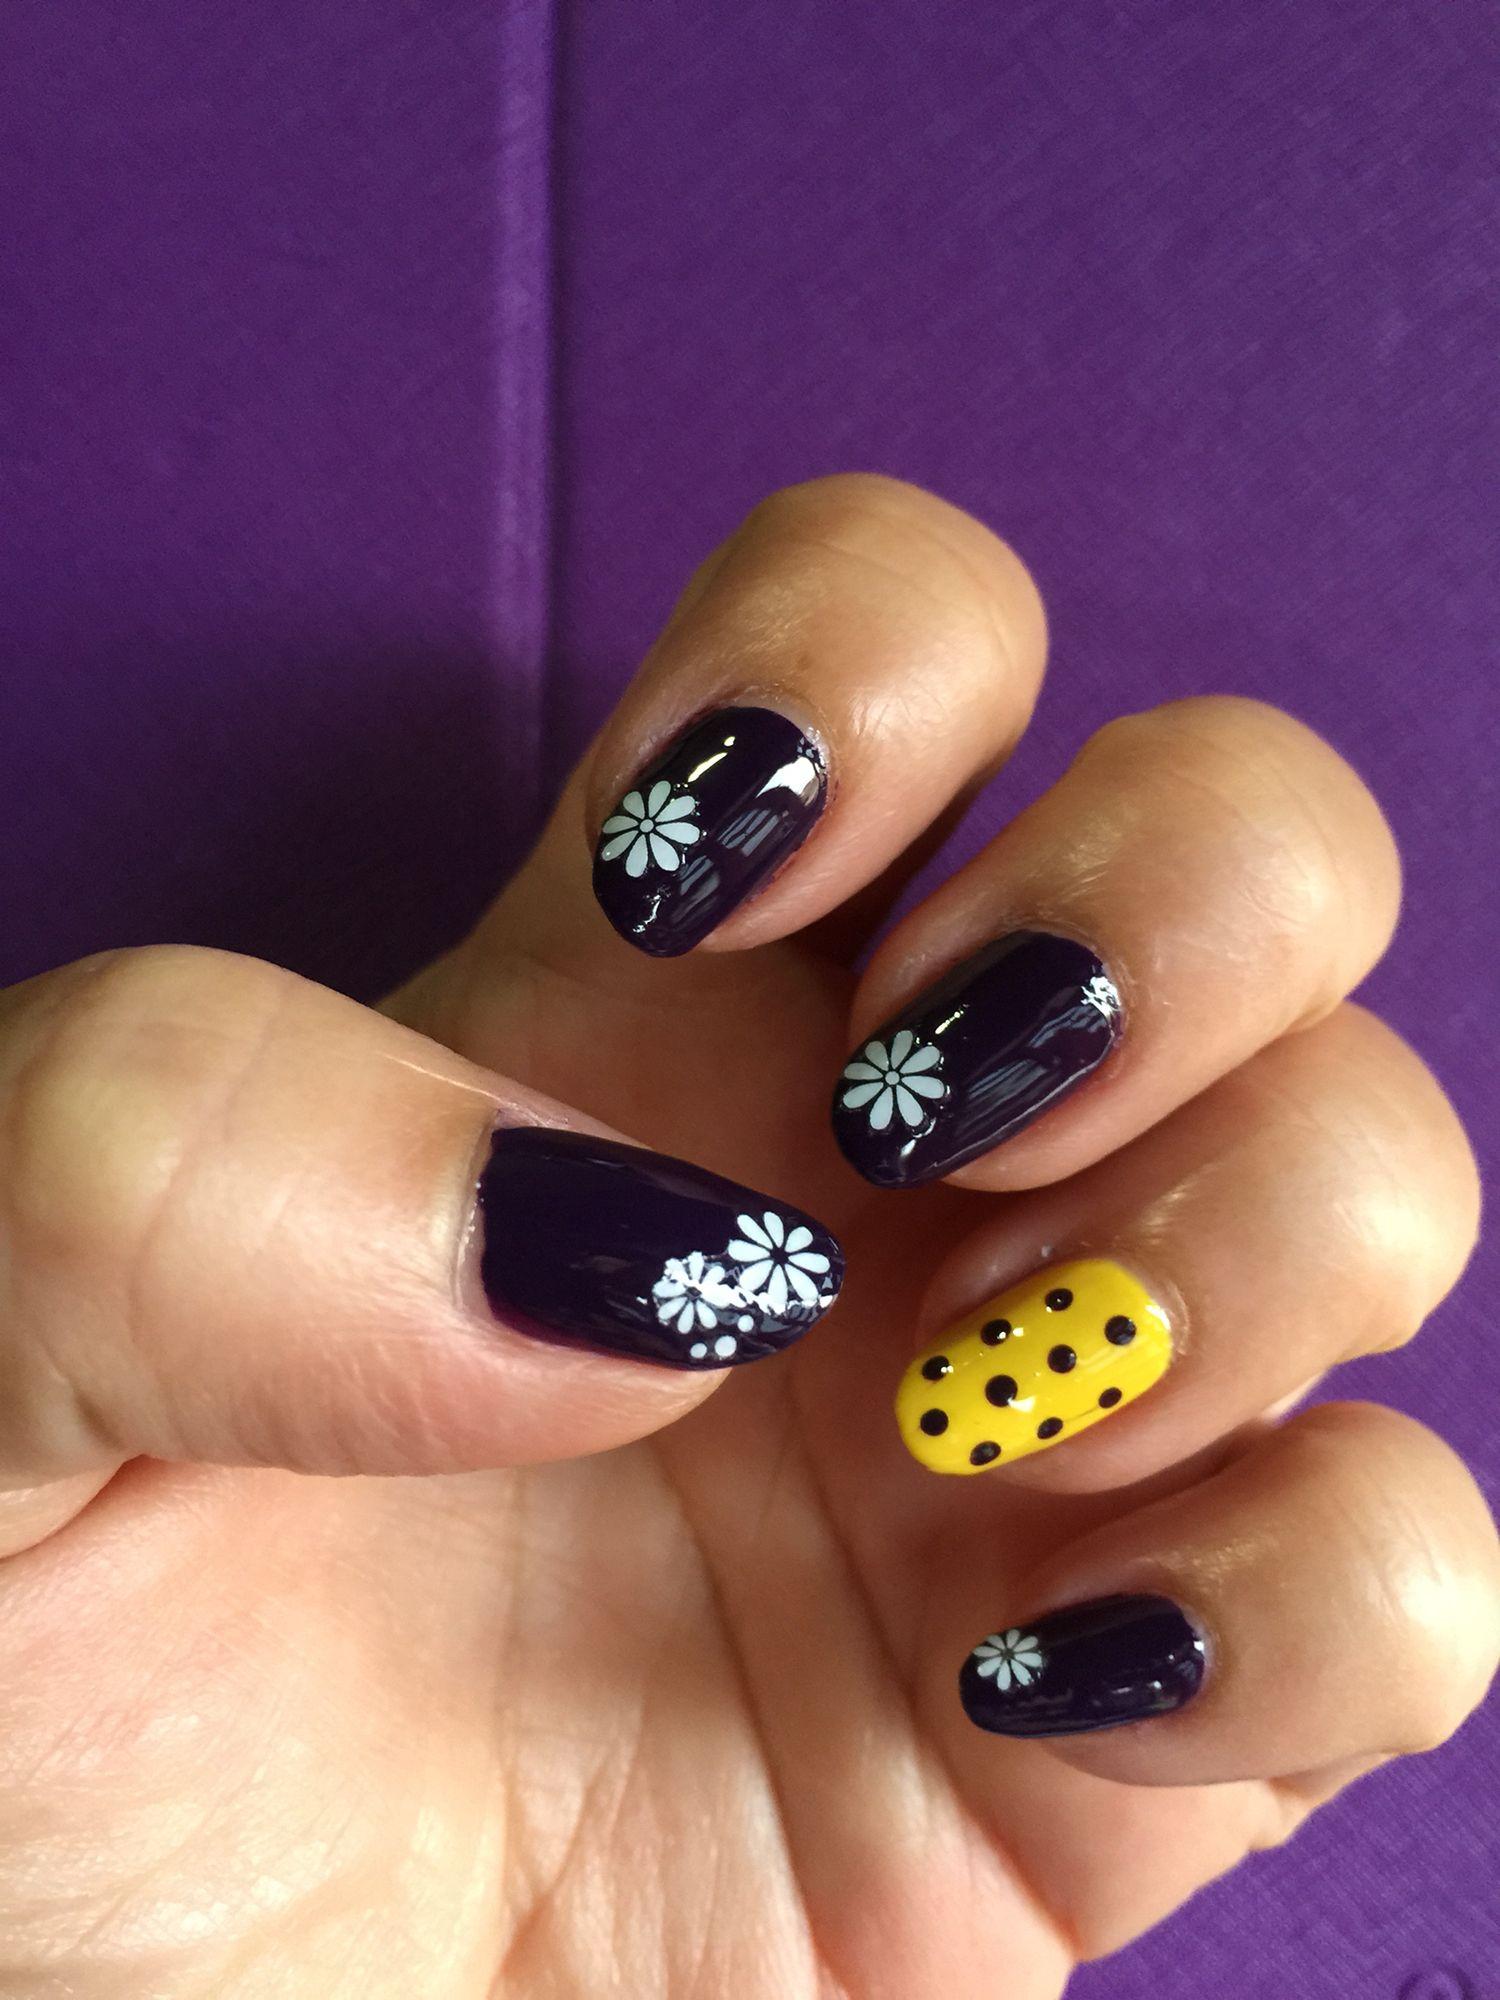 Royal purple with white daisy n yellow polka dots nailart